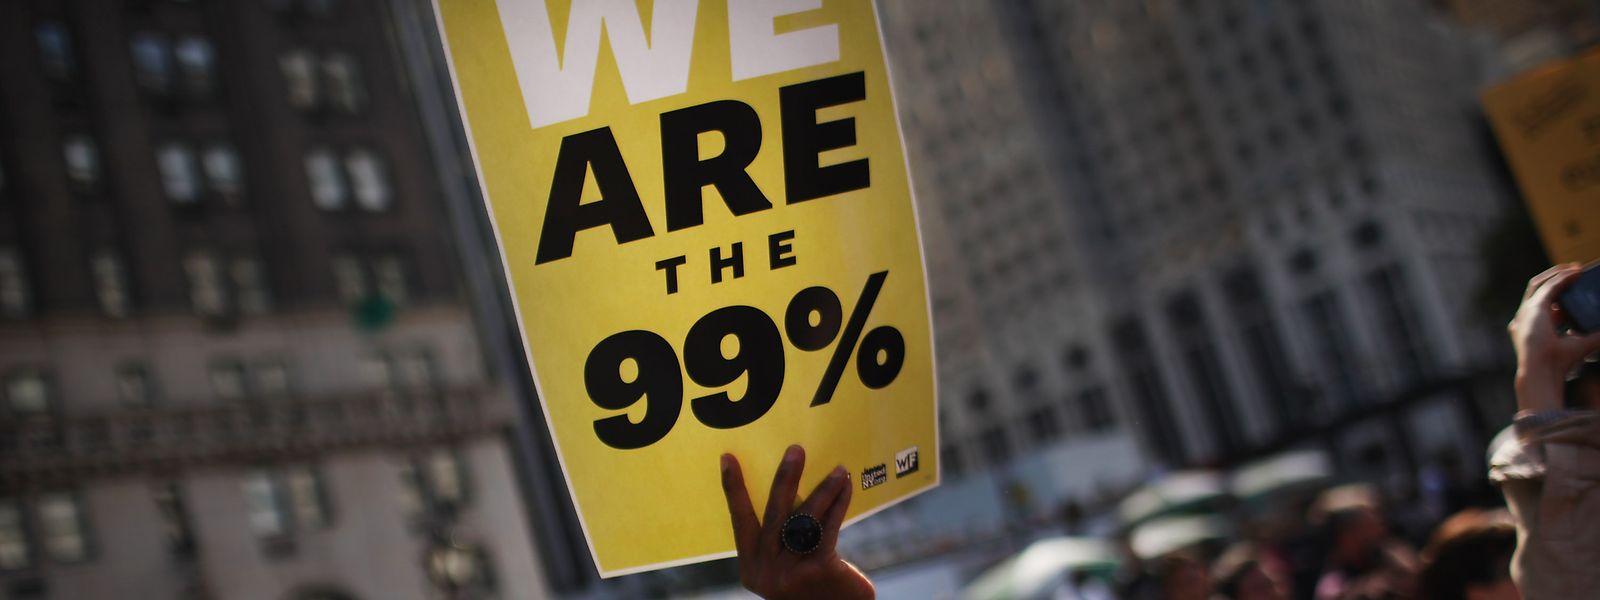 """""""We are the 99%"""": Der Anthropologe David Graeber prägte 2011 das Motto der """"Occupy Wall Street""""-Protesbewegung mit - seine provokativen """"Bullshit Jobs"""" hinterfragen derweil, was so alles in unserer Gesellschaft schiefläuft."""